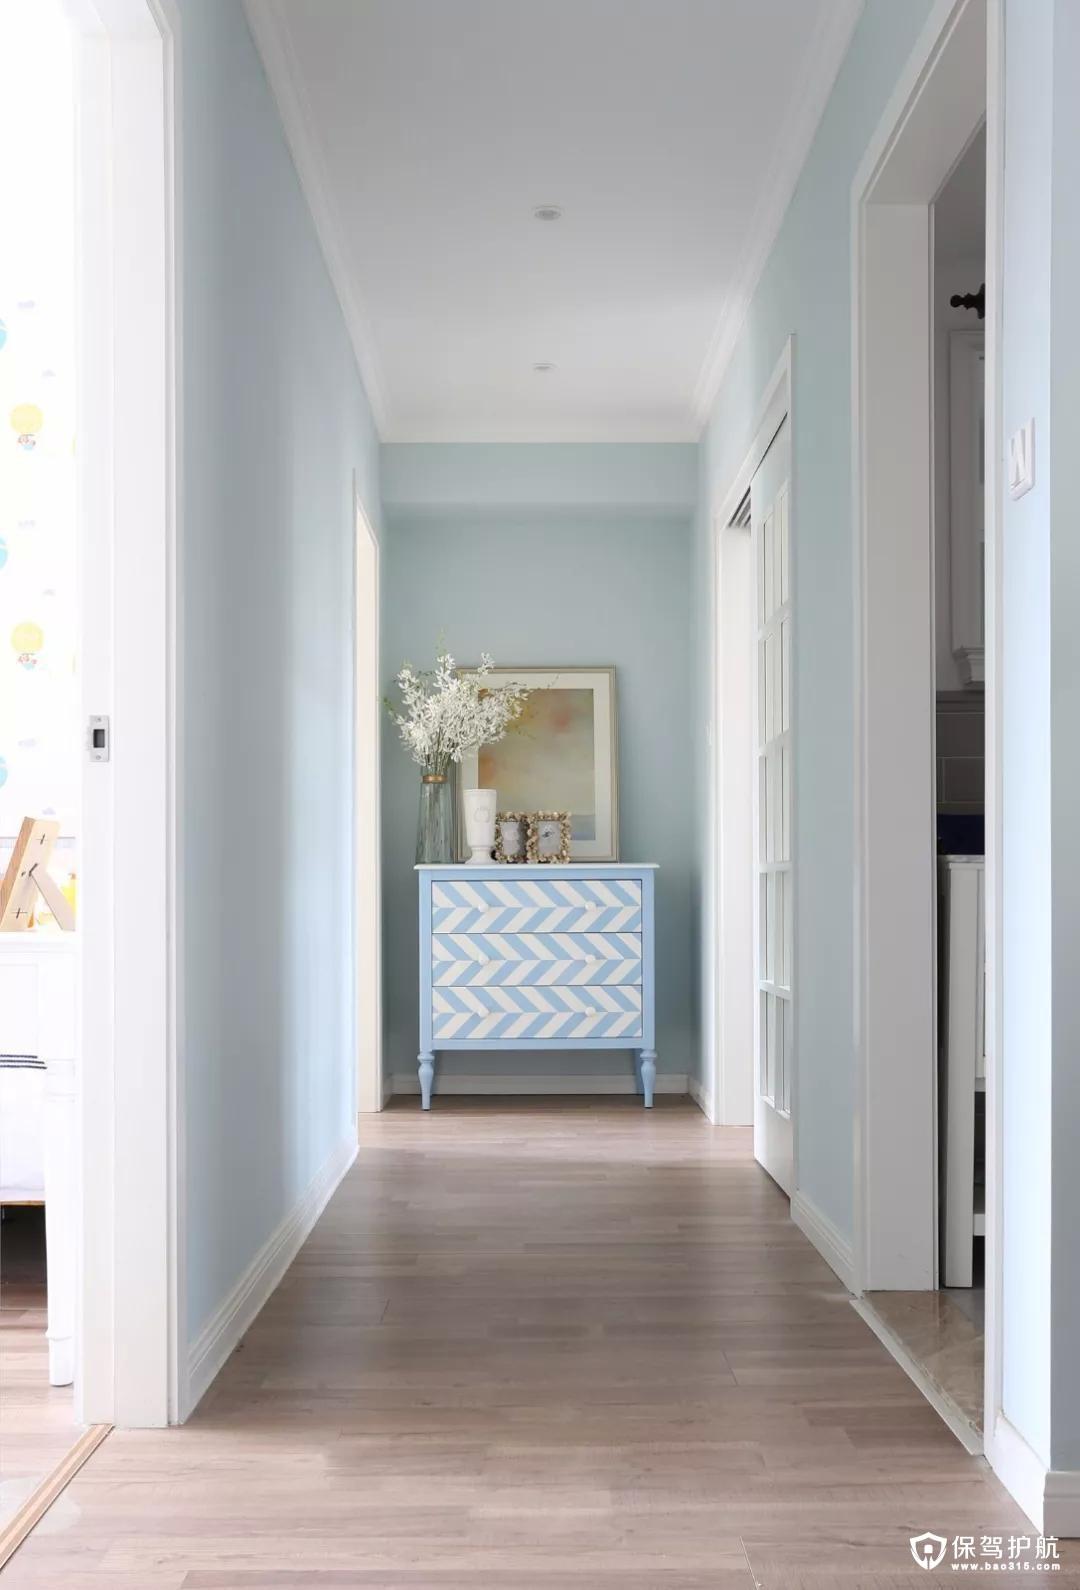 过道尽头的蓝色条纹斗柜,与背景的蓝色相呼应,清新淡雅。